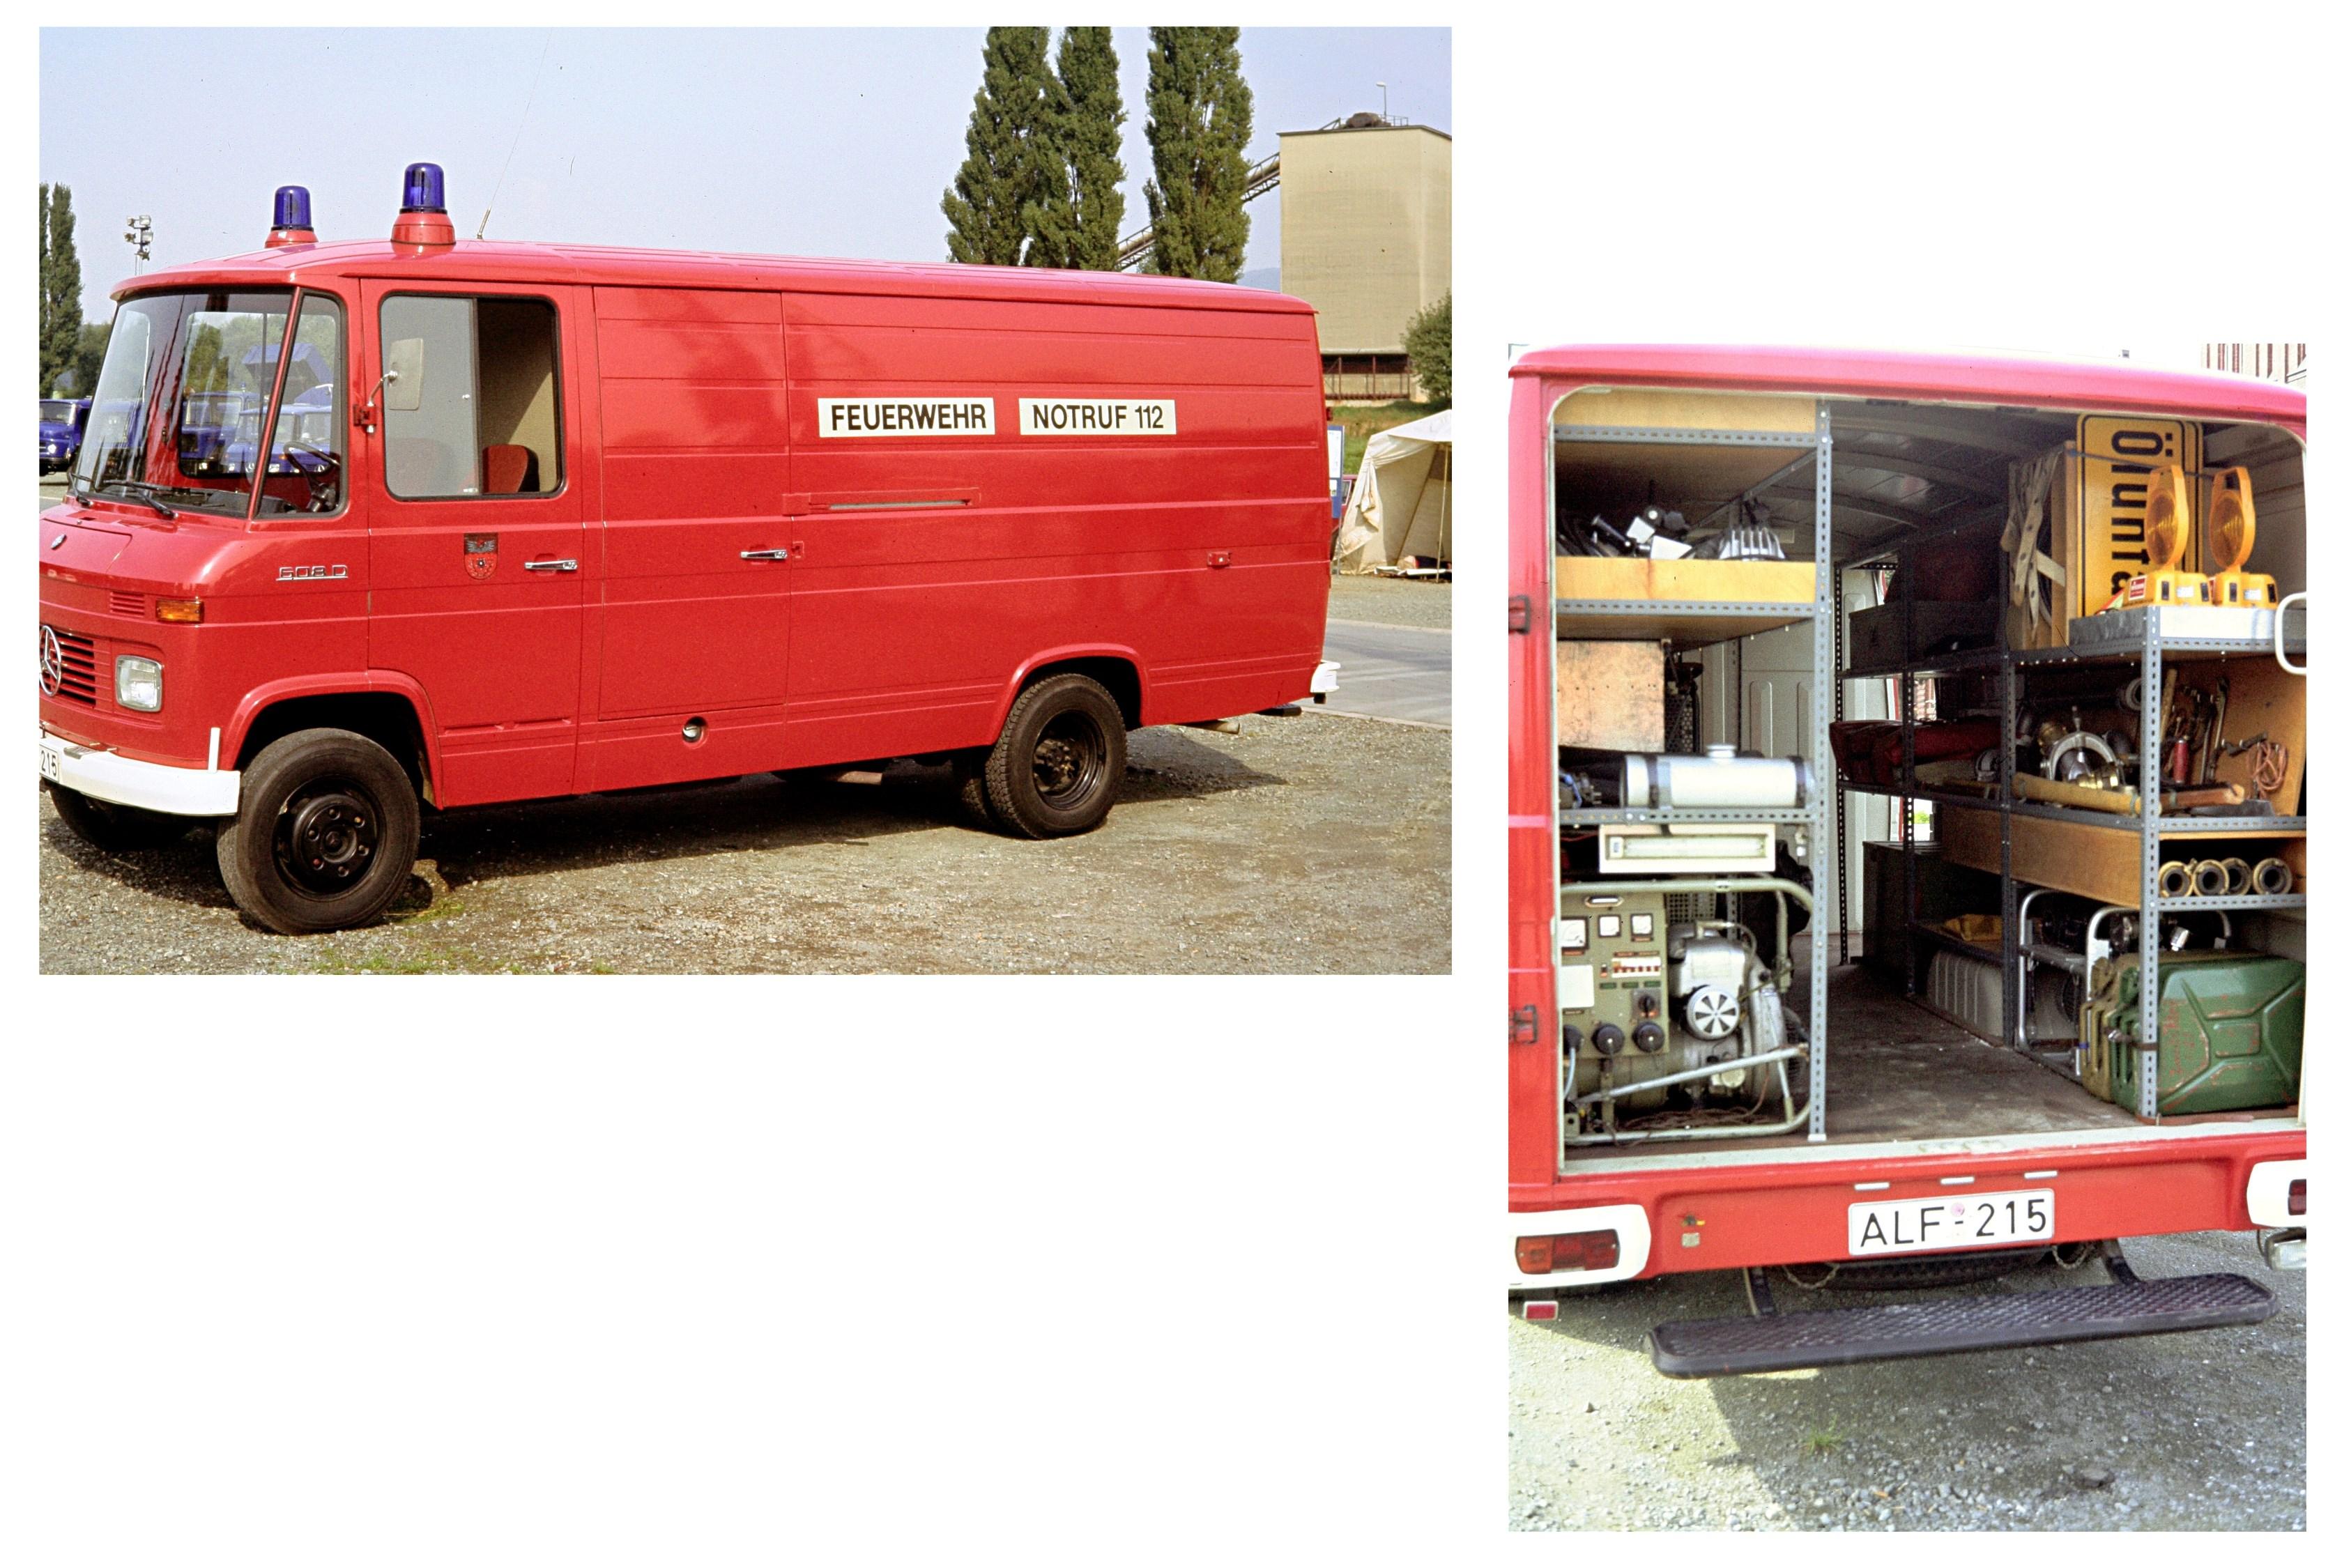 Gerätewagen ÖL, 1974-1987, ALF-215 (später HI-NZ 15). Der GW wurde am 05.06.1987 an die Stützpunktwehr Föhrste abgegeben und wurde dort am 15.02.2016 ausser Dienst gestellt (Fahrzeug des Landkreis Alfeld)